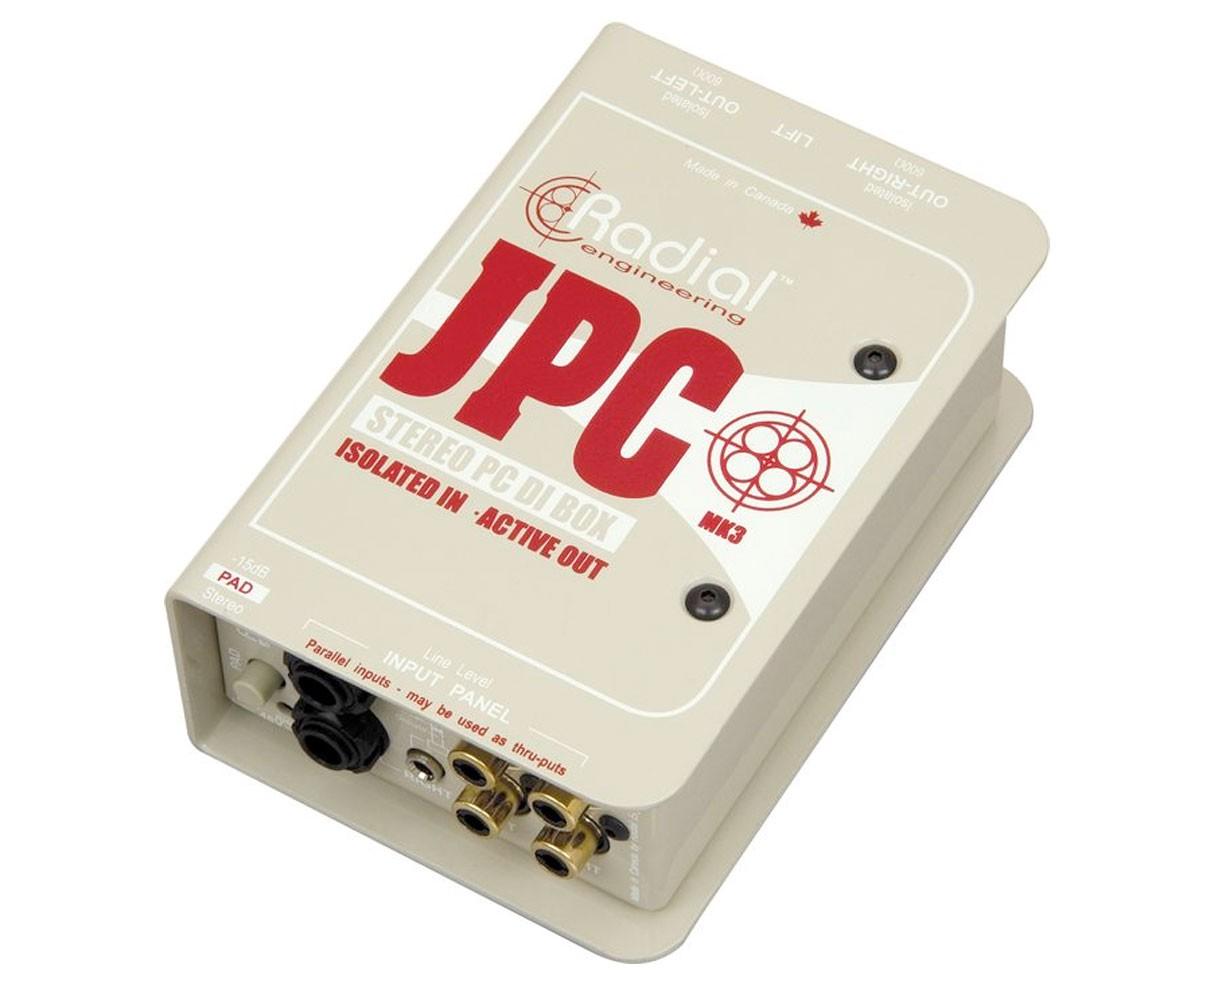 Radial JPC (Used - Customer Return)